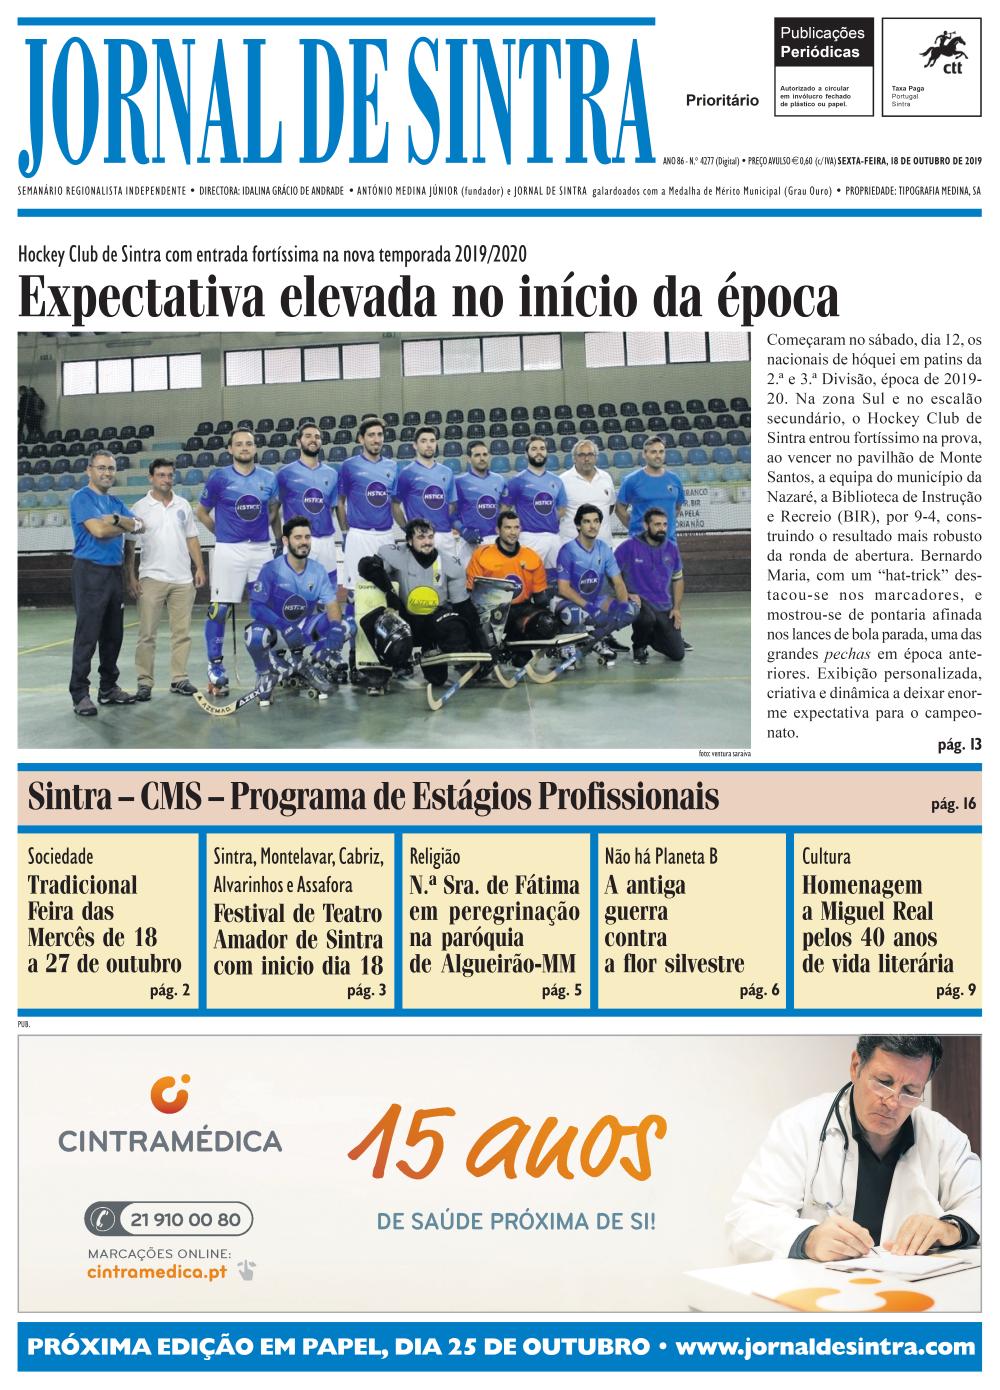 Capa da edição de 18/10/2019